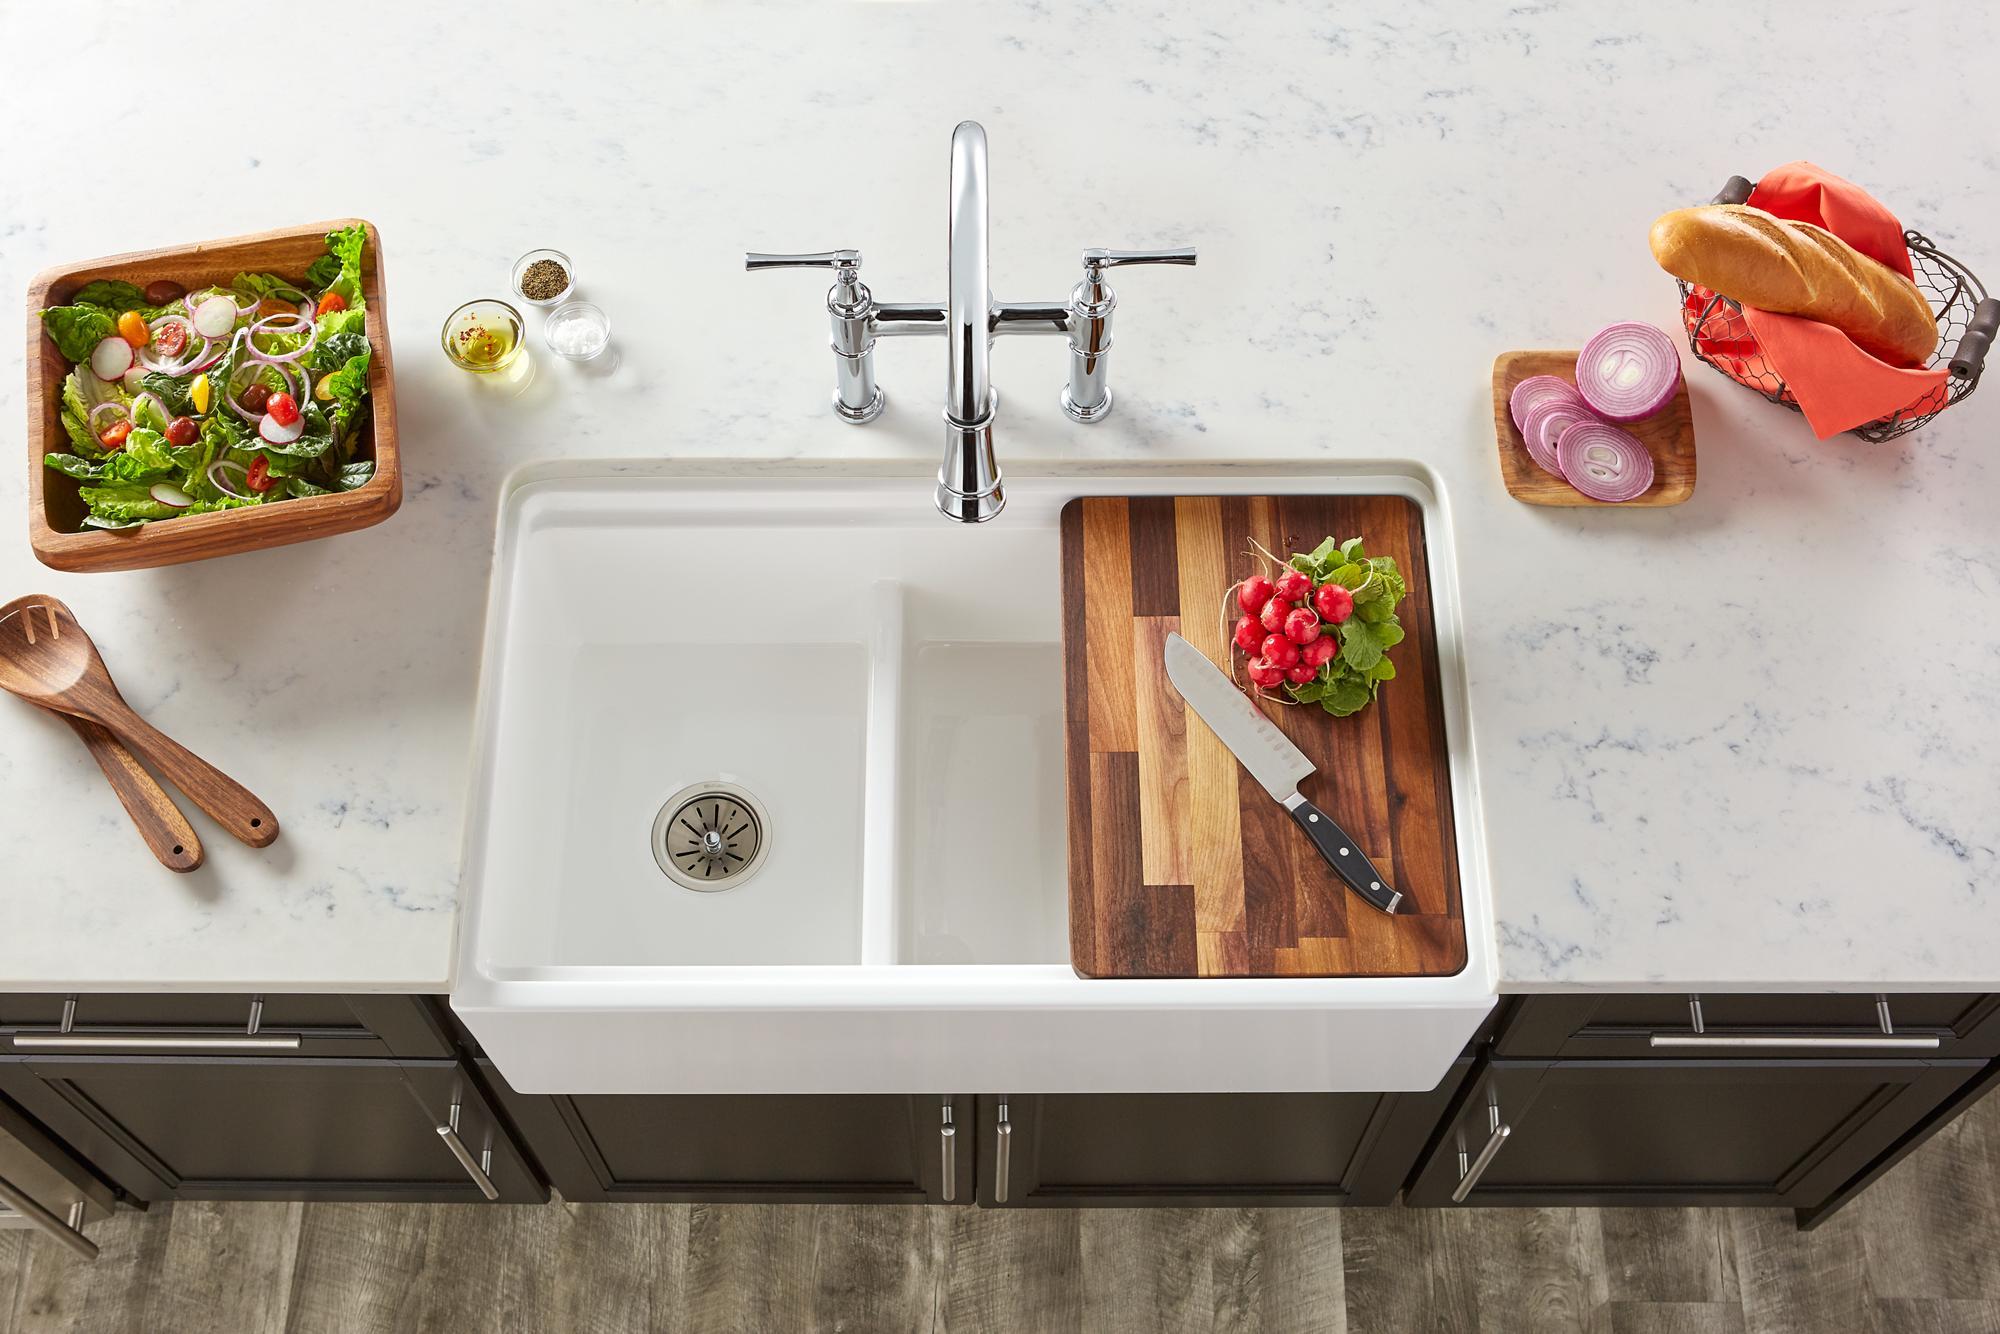 fireclay kitchen sinks | elkay